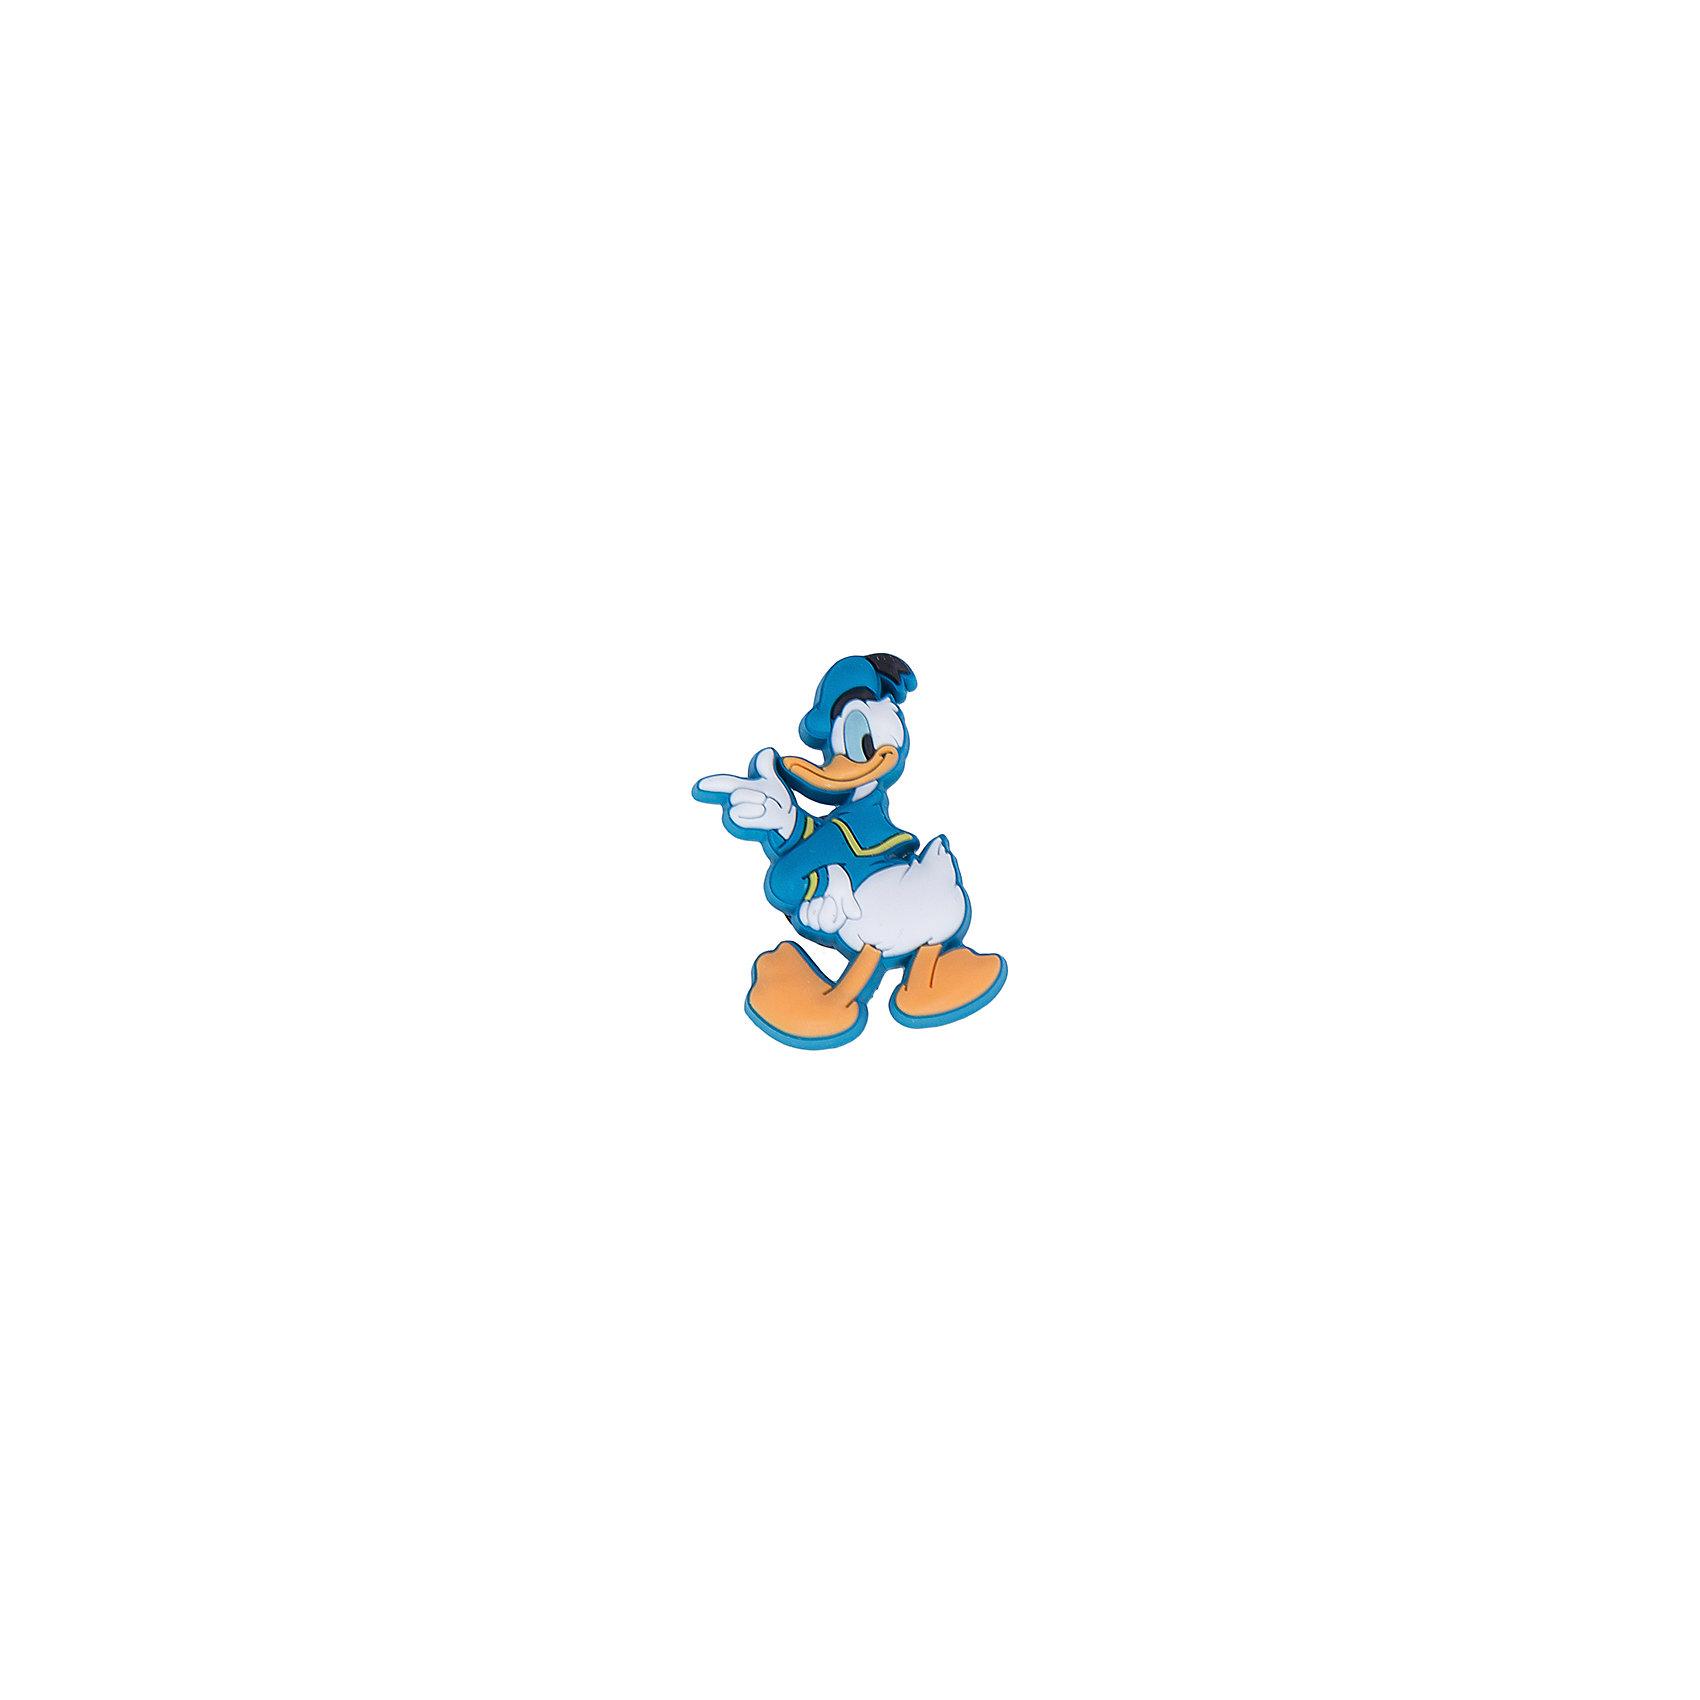 crocs Джибитс для сабо Crocs MIC Donald S15 купить crocs в америке с доставкой в россию